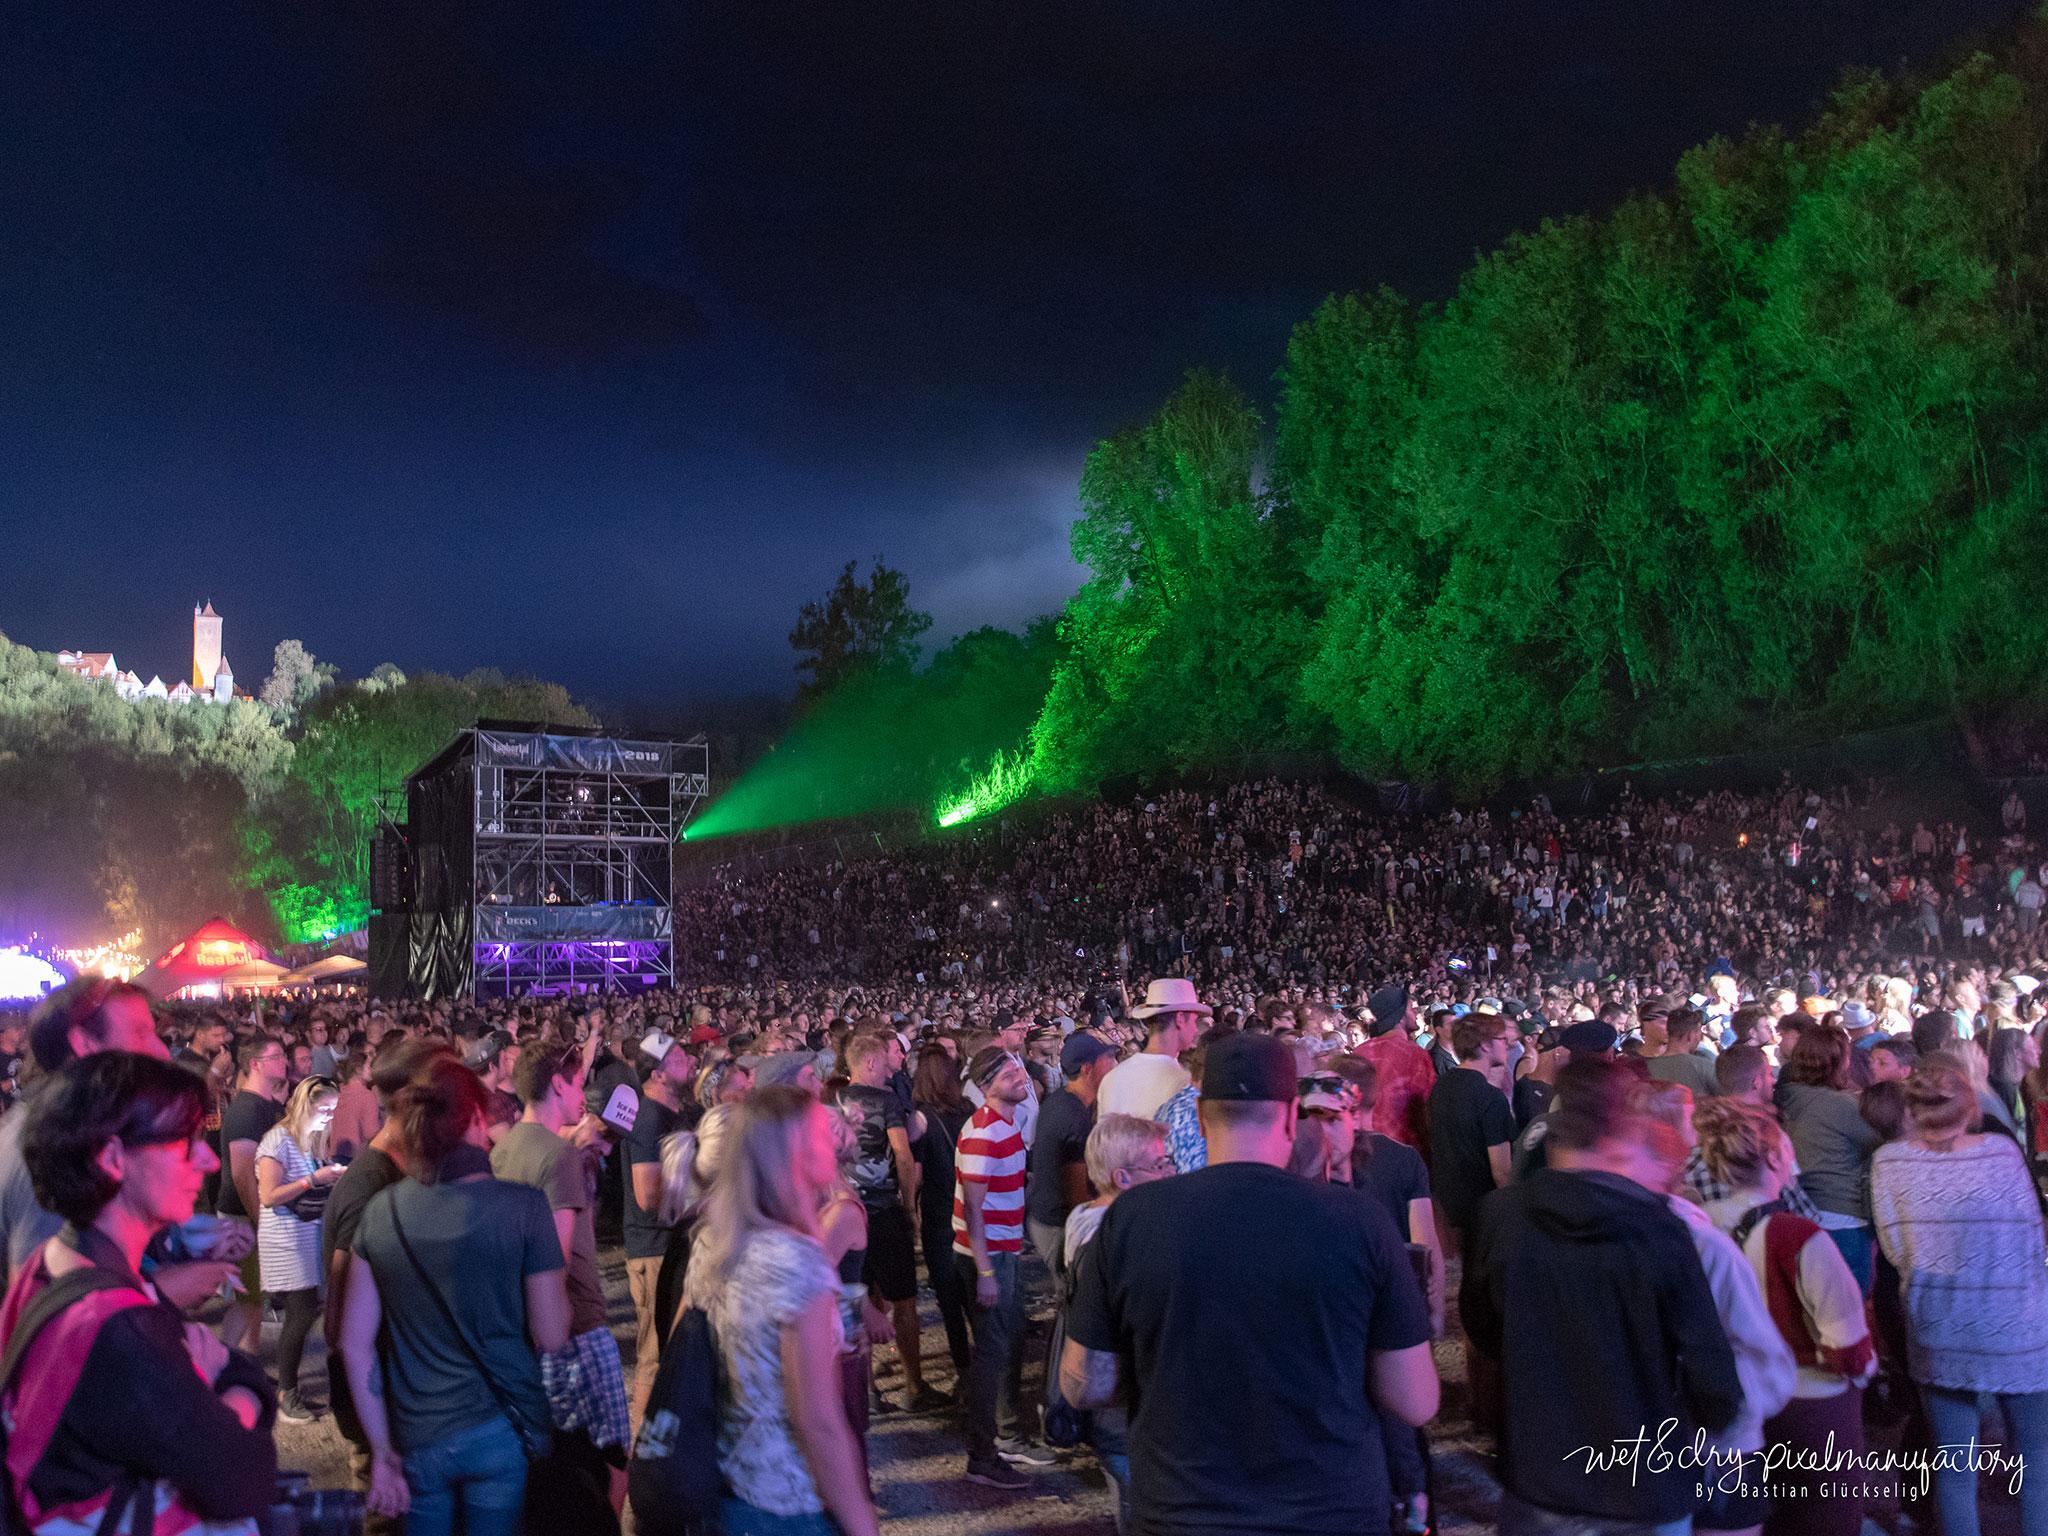 Rund 15.000 Besucher feierten am Freitag auf dem Taubertalfestival. Foto: Bastian Glückselig